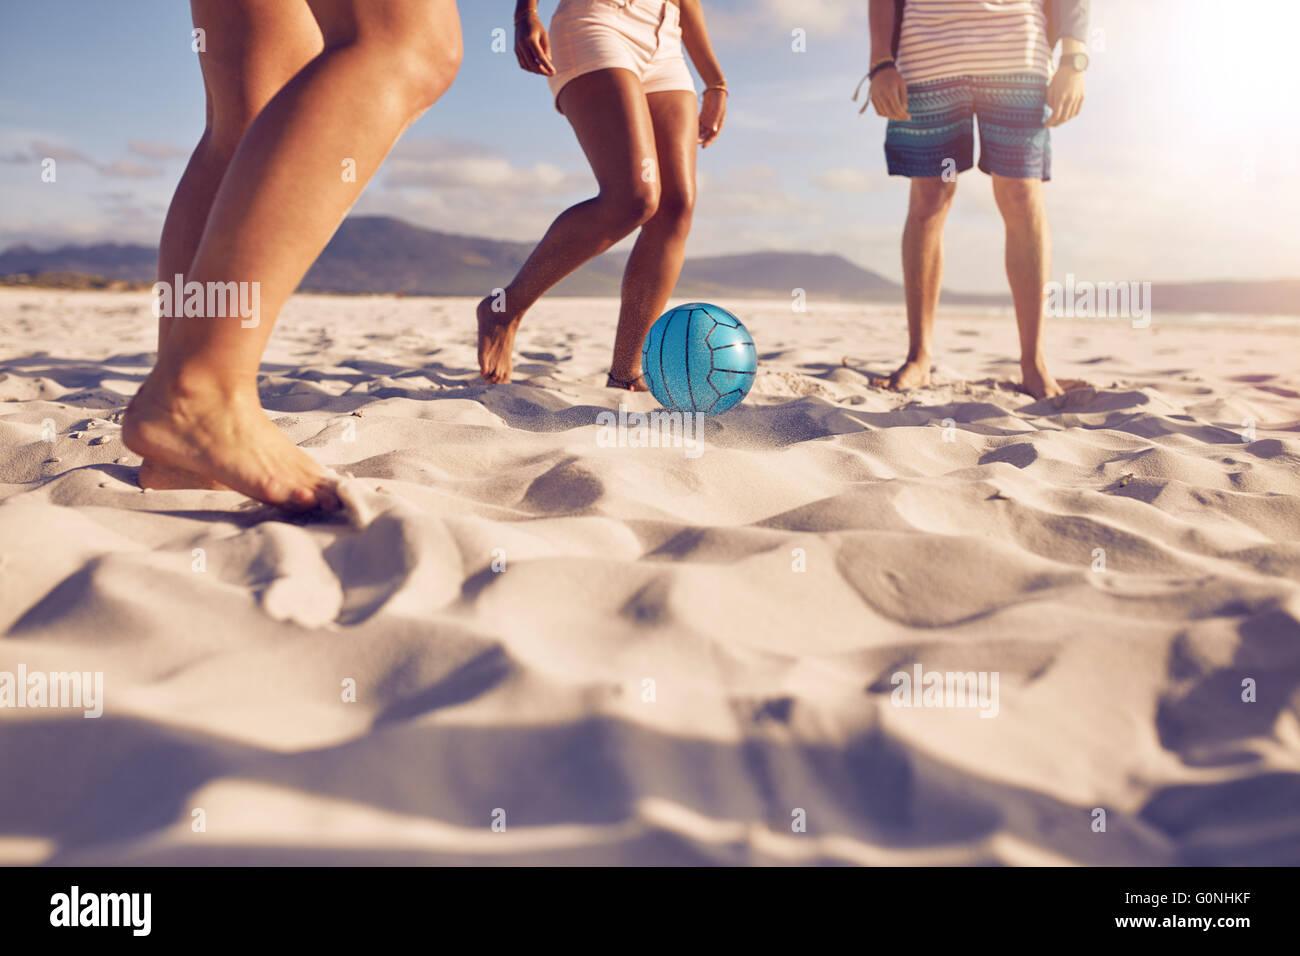 La section basse portrait de groupe d'amis jouant au football sur la plage. Une fille est passer la balle à Photo Stock